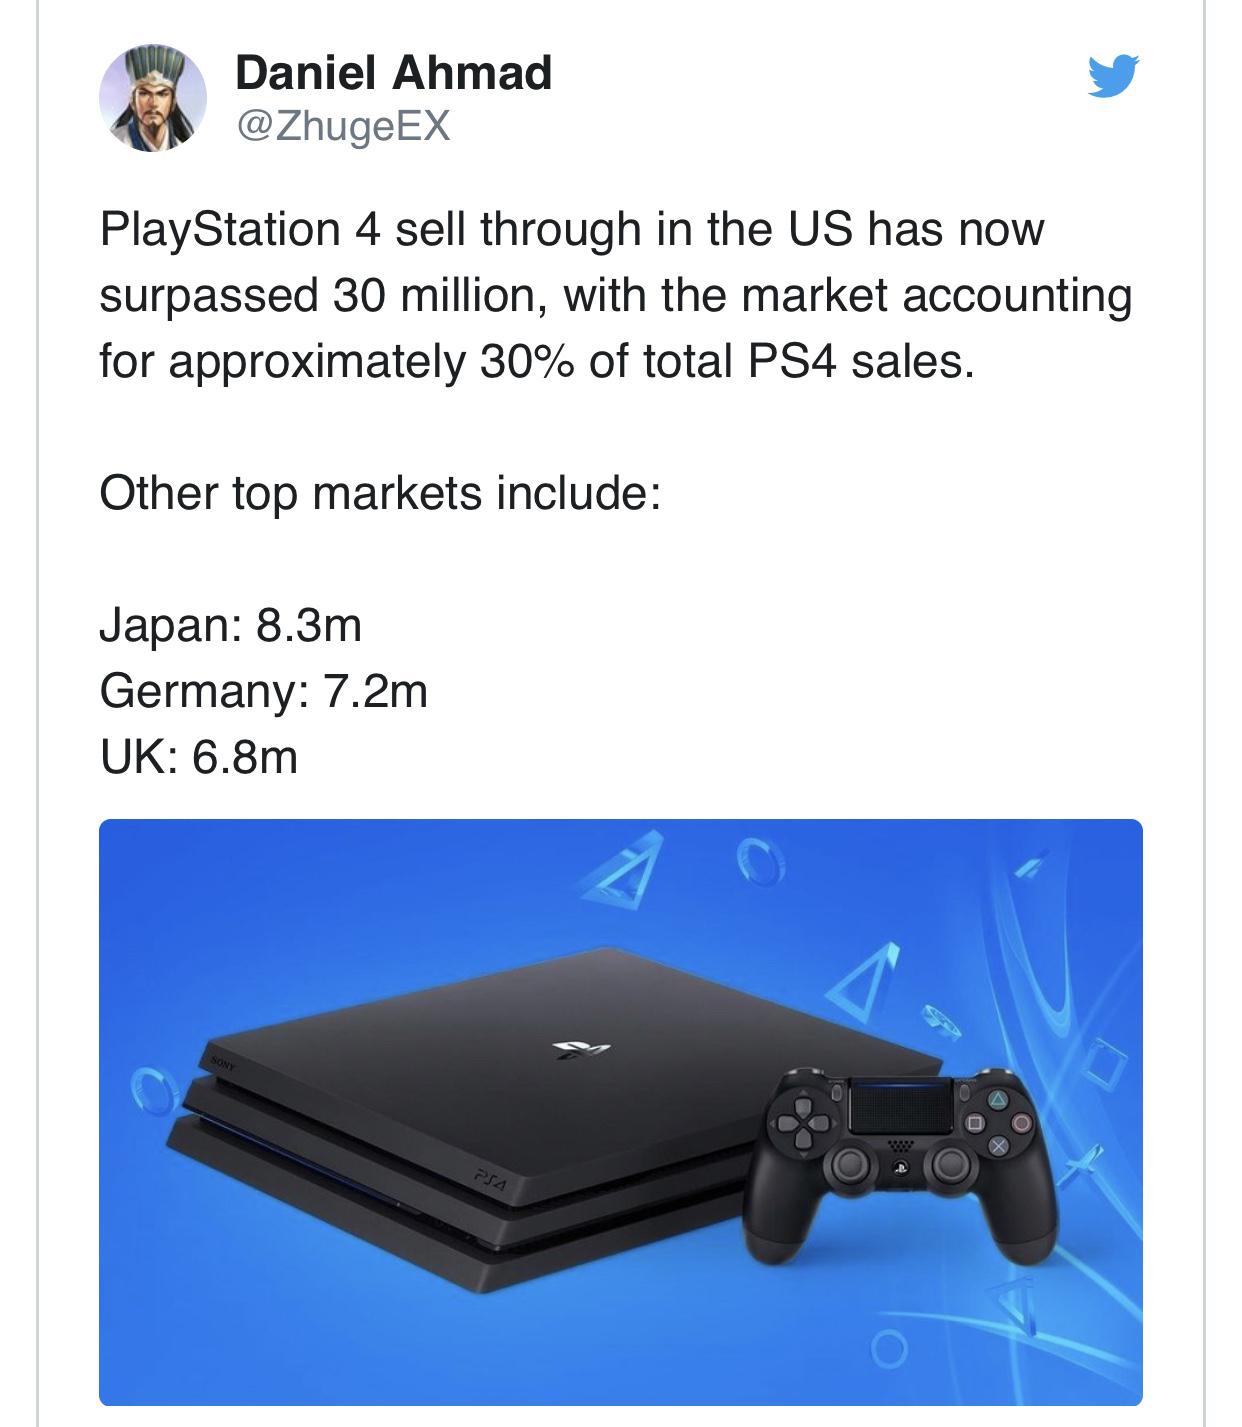 zqz2oDD - 【朗報】PS4、ドイツで720万台、英国で680万台販売してることが判明!